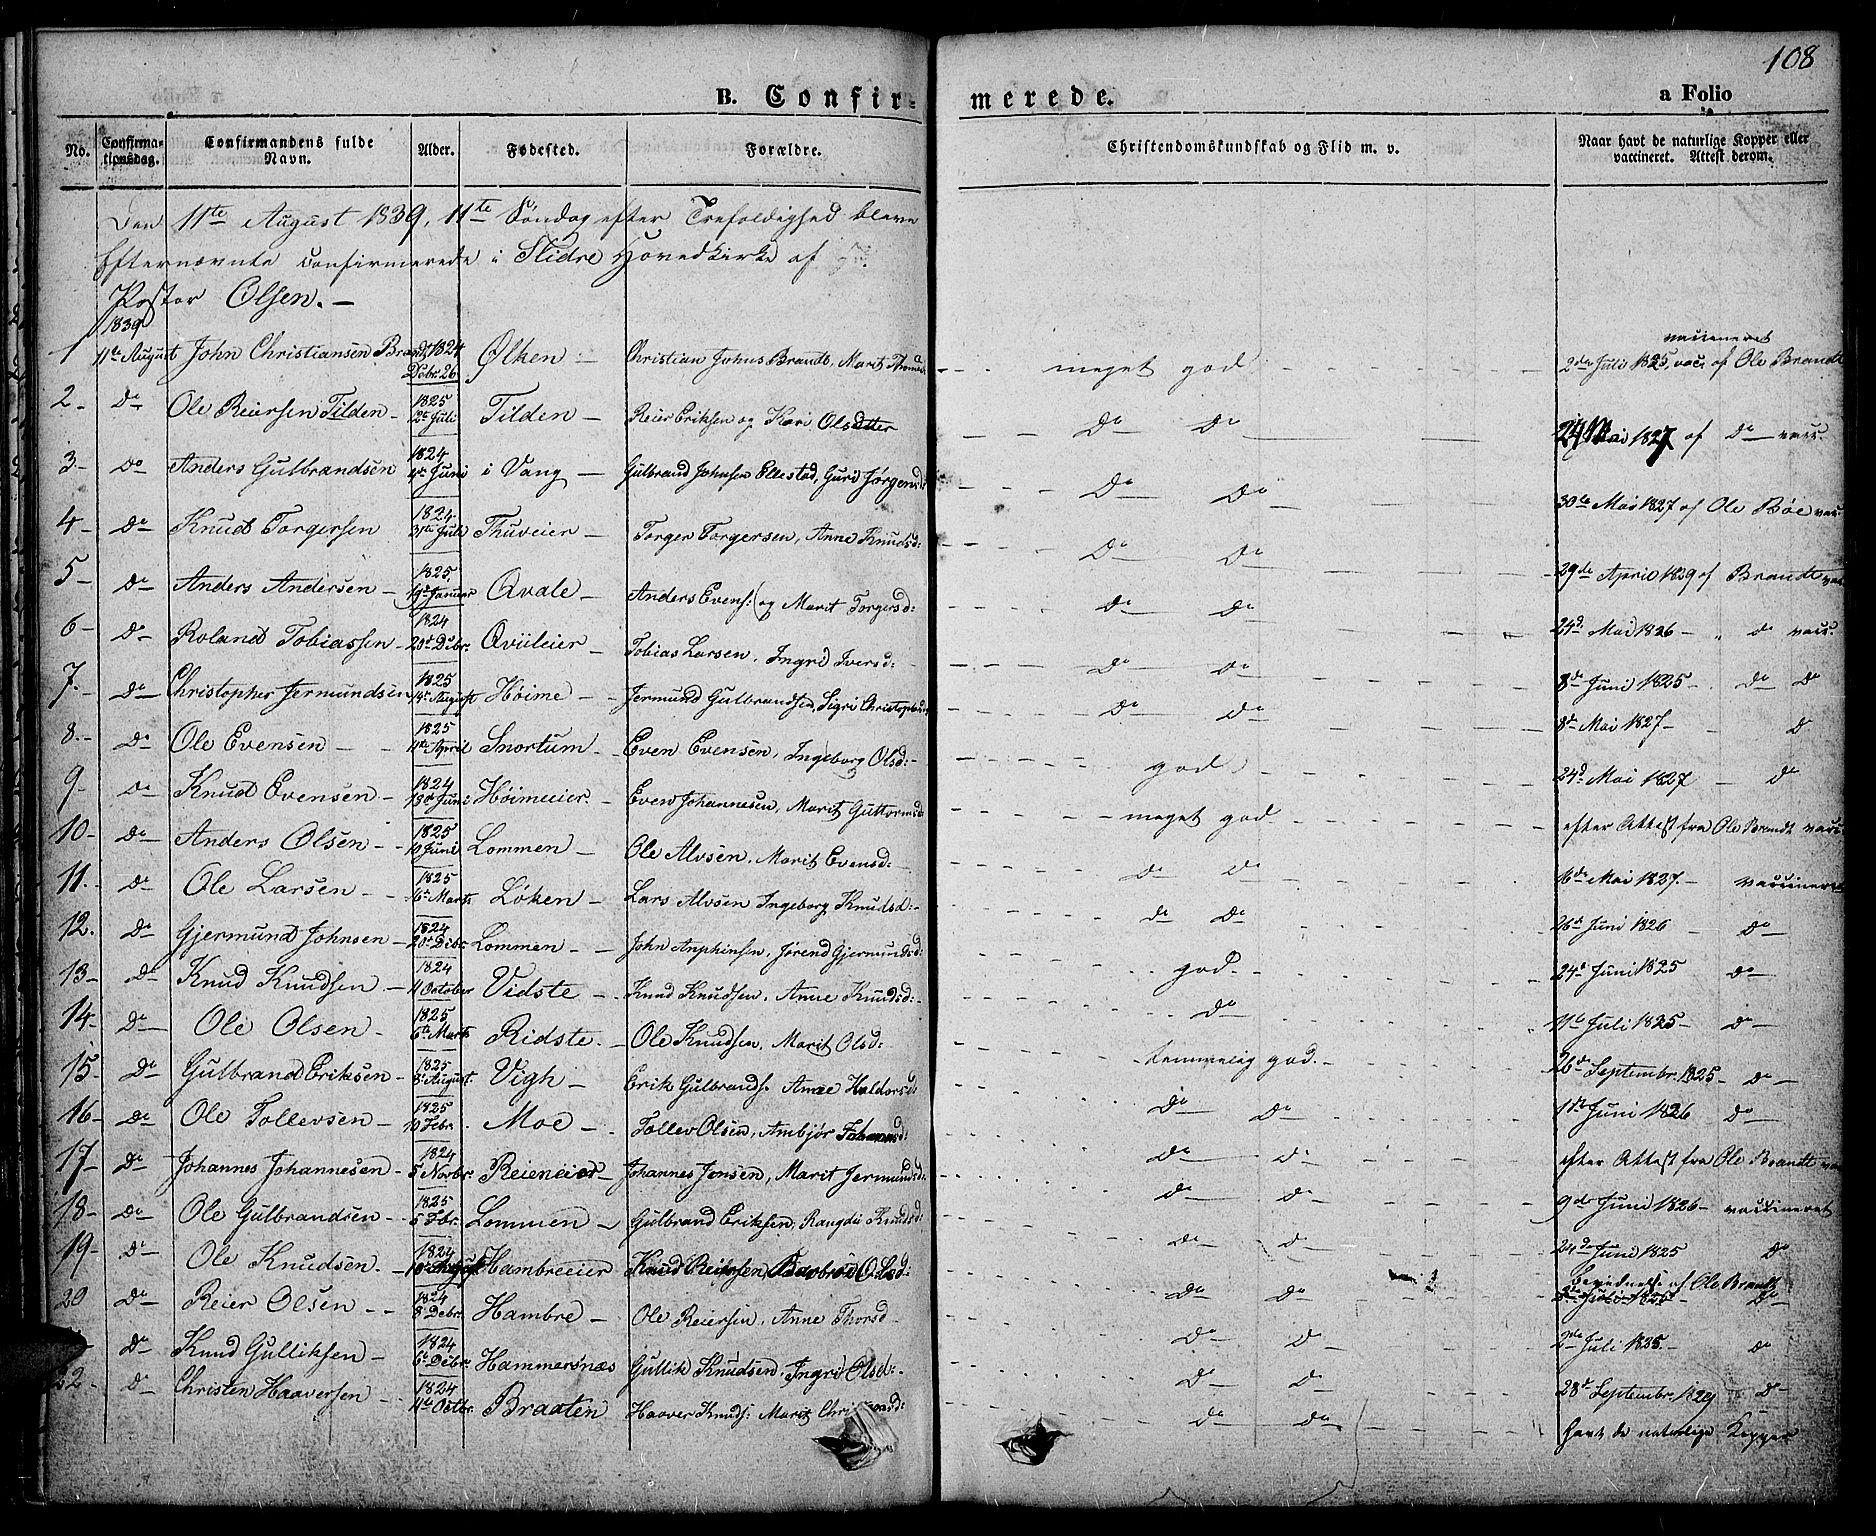 SAH, Slidre prestekontor, Ministerialbok nr. 3, 1831-1843, s. 108